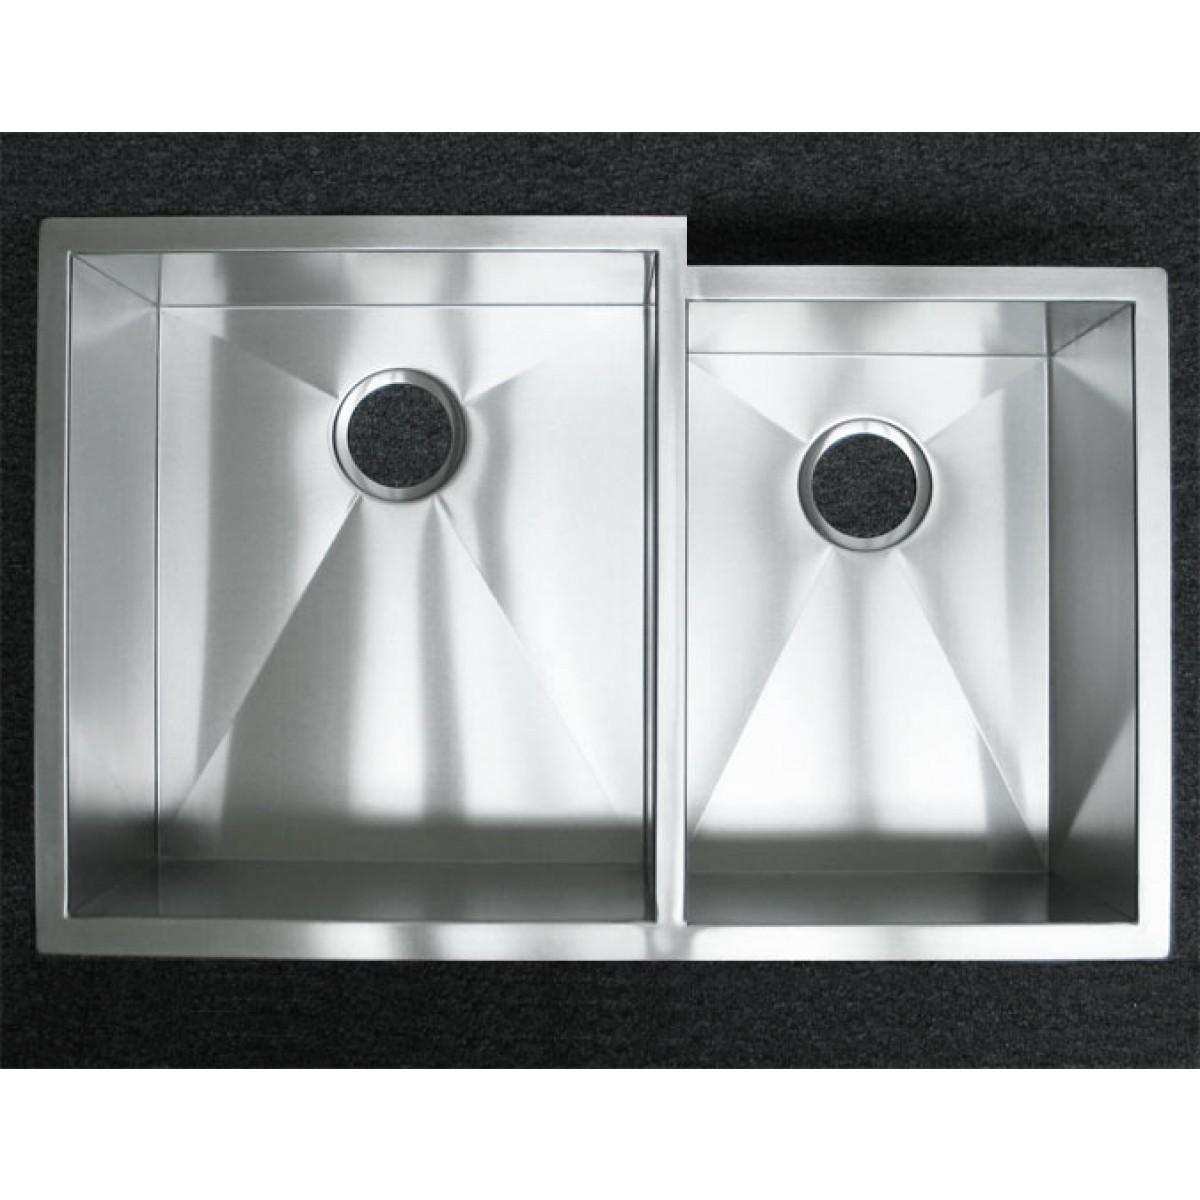 33 Inch Stainless Steel Undermount 60/40 Offset Double Bowl Kitchen Sink  Zero Radius Design